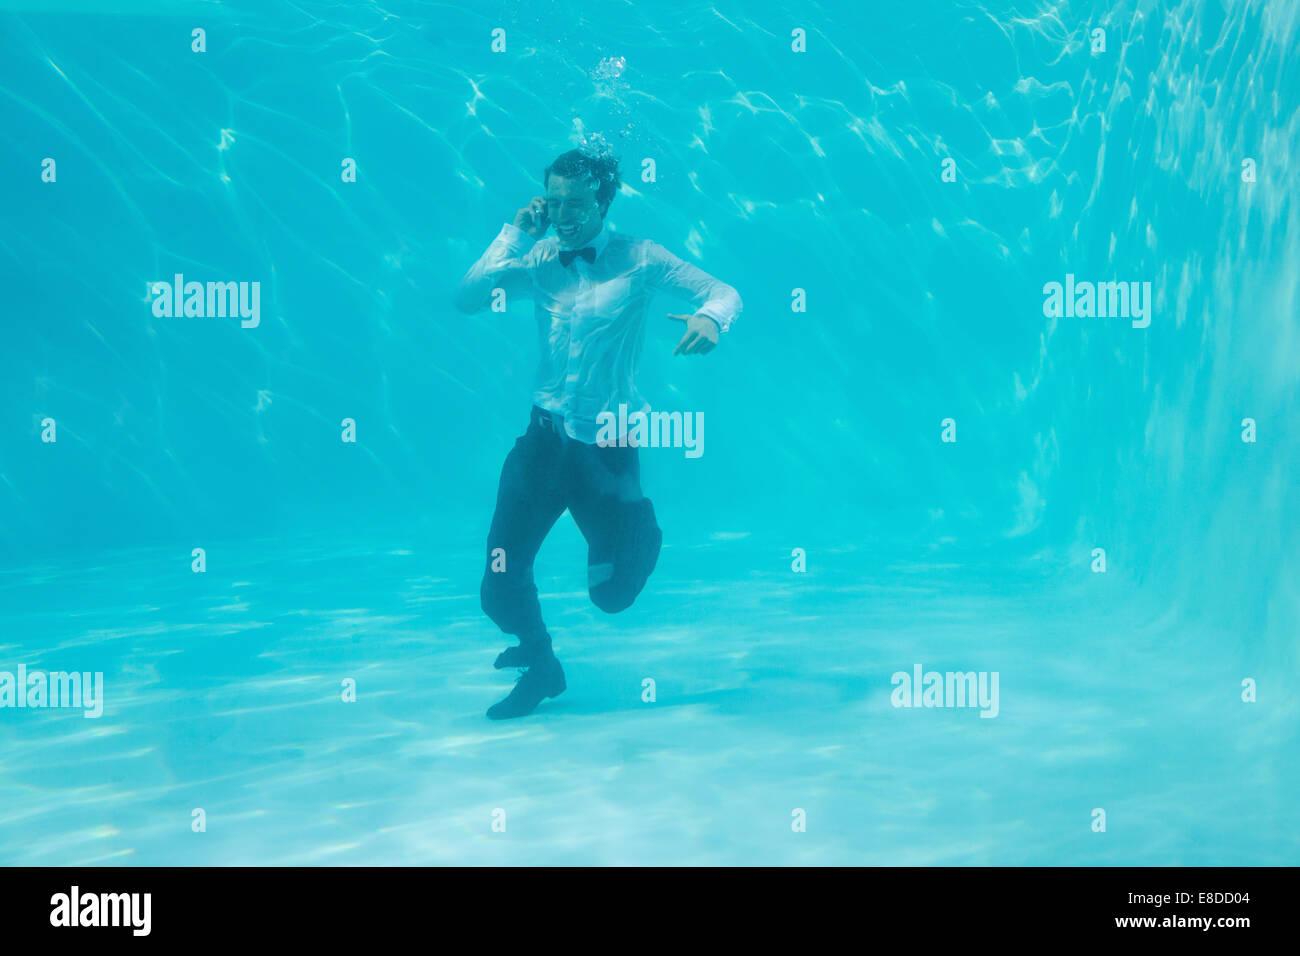 Giovane uomo nuoto sott'acqua Immagini Stock